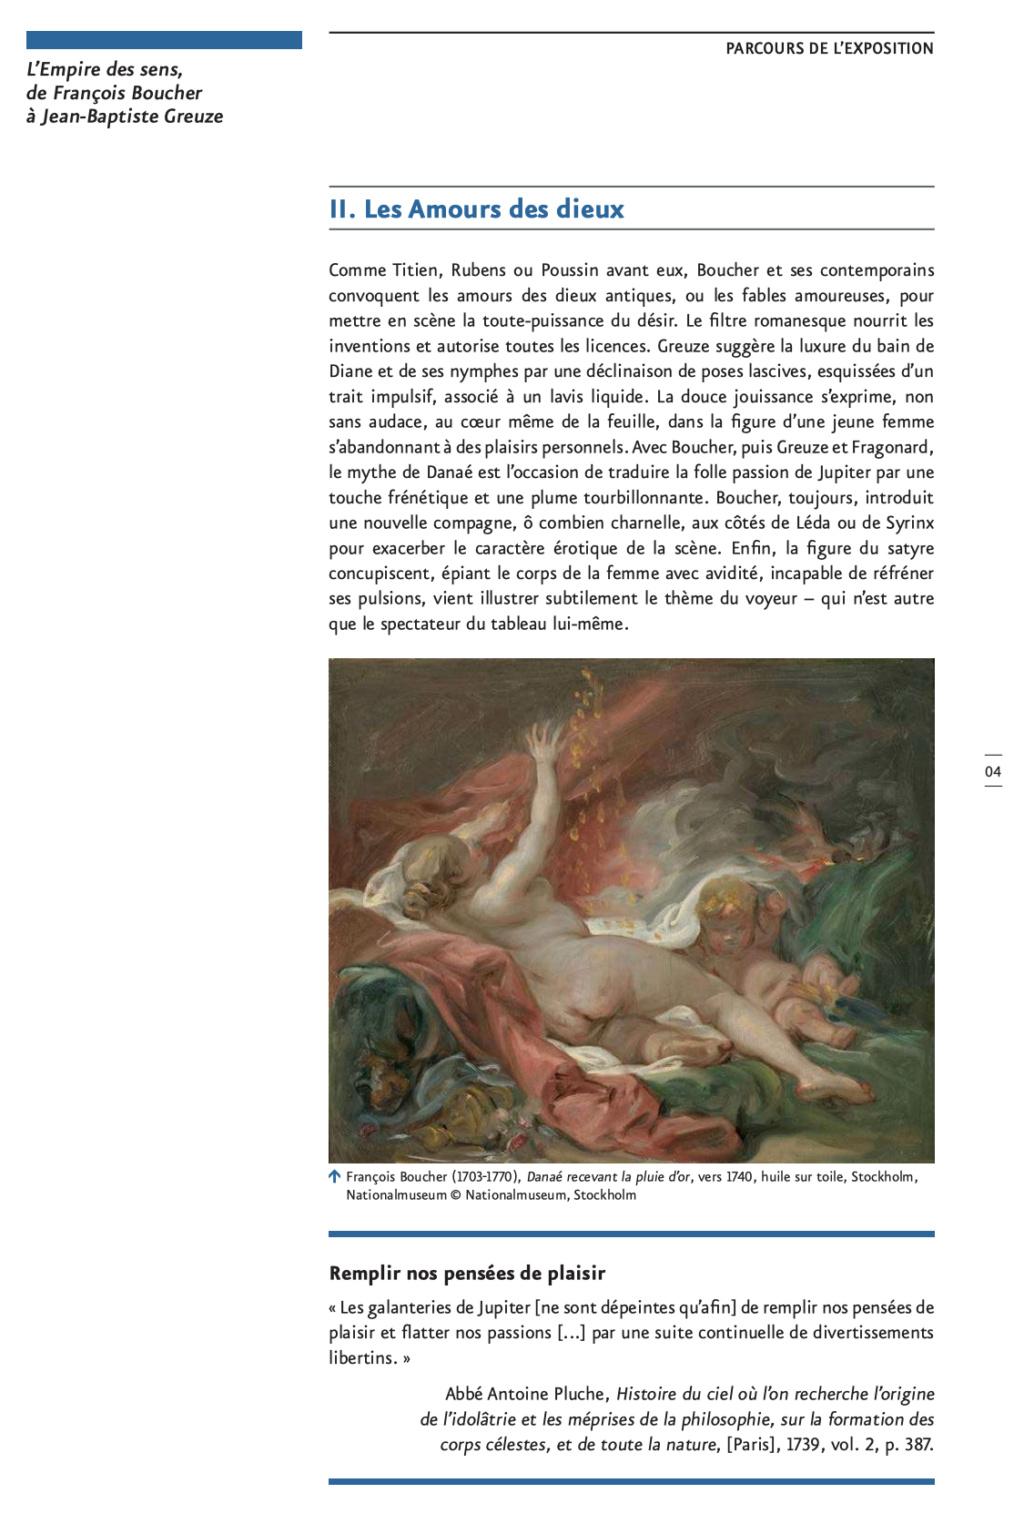 Exposition : L'Empire des sens, de François Boucher à Jean-Baptiste Greuze, au musée Cognacq-Jay Capt2867